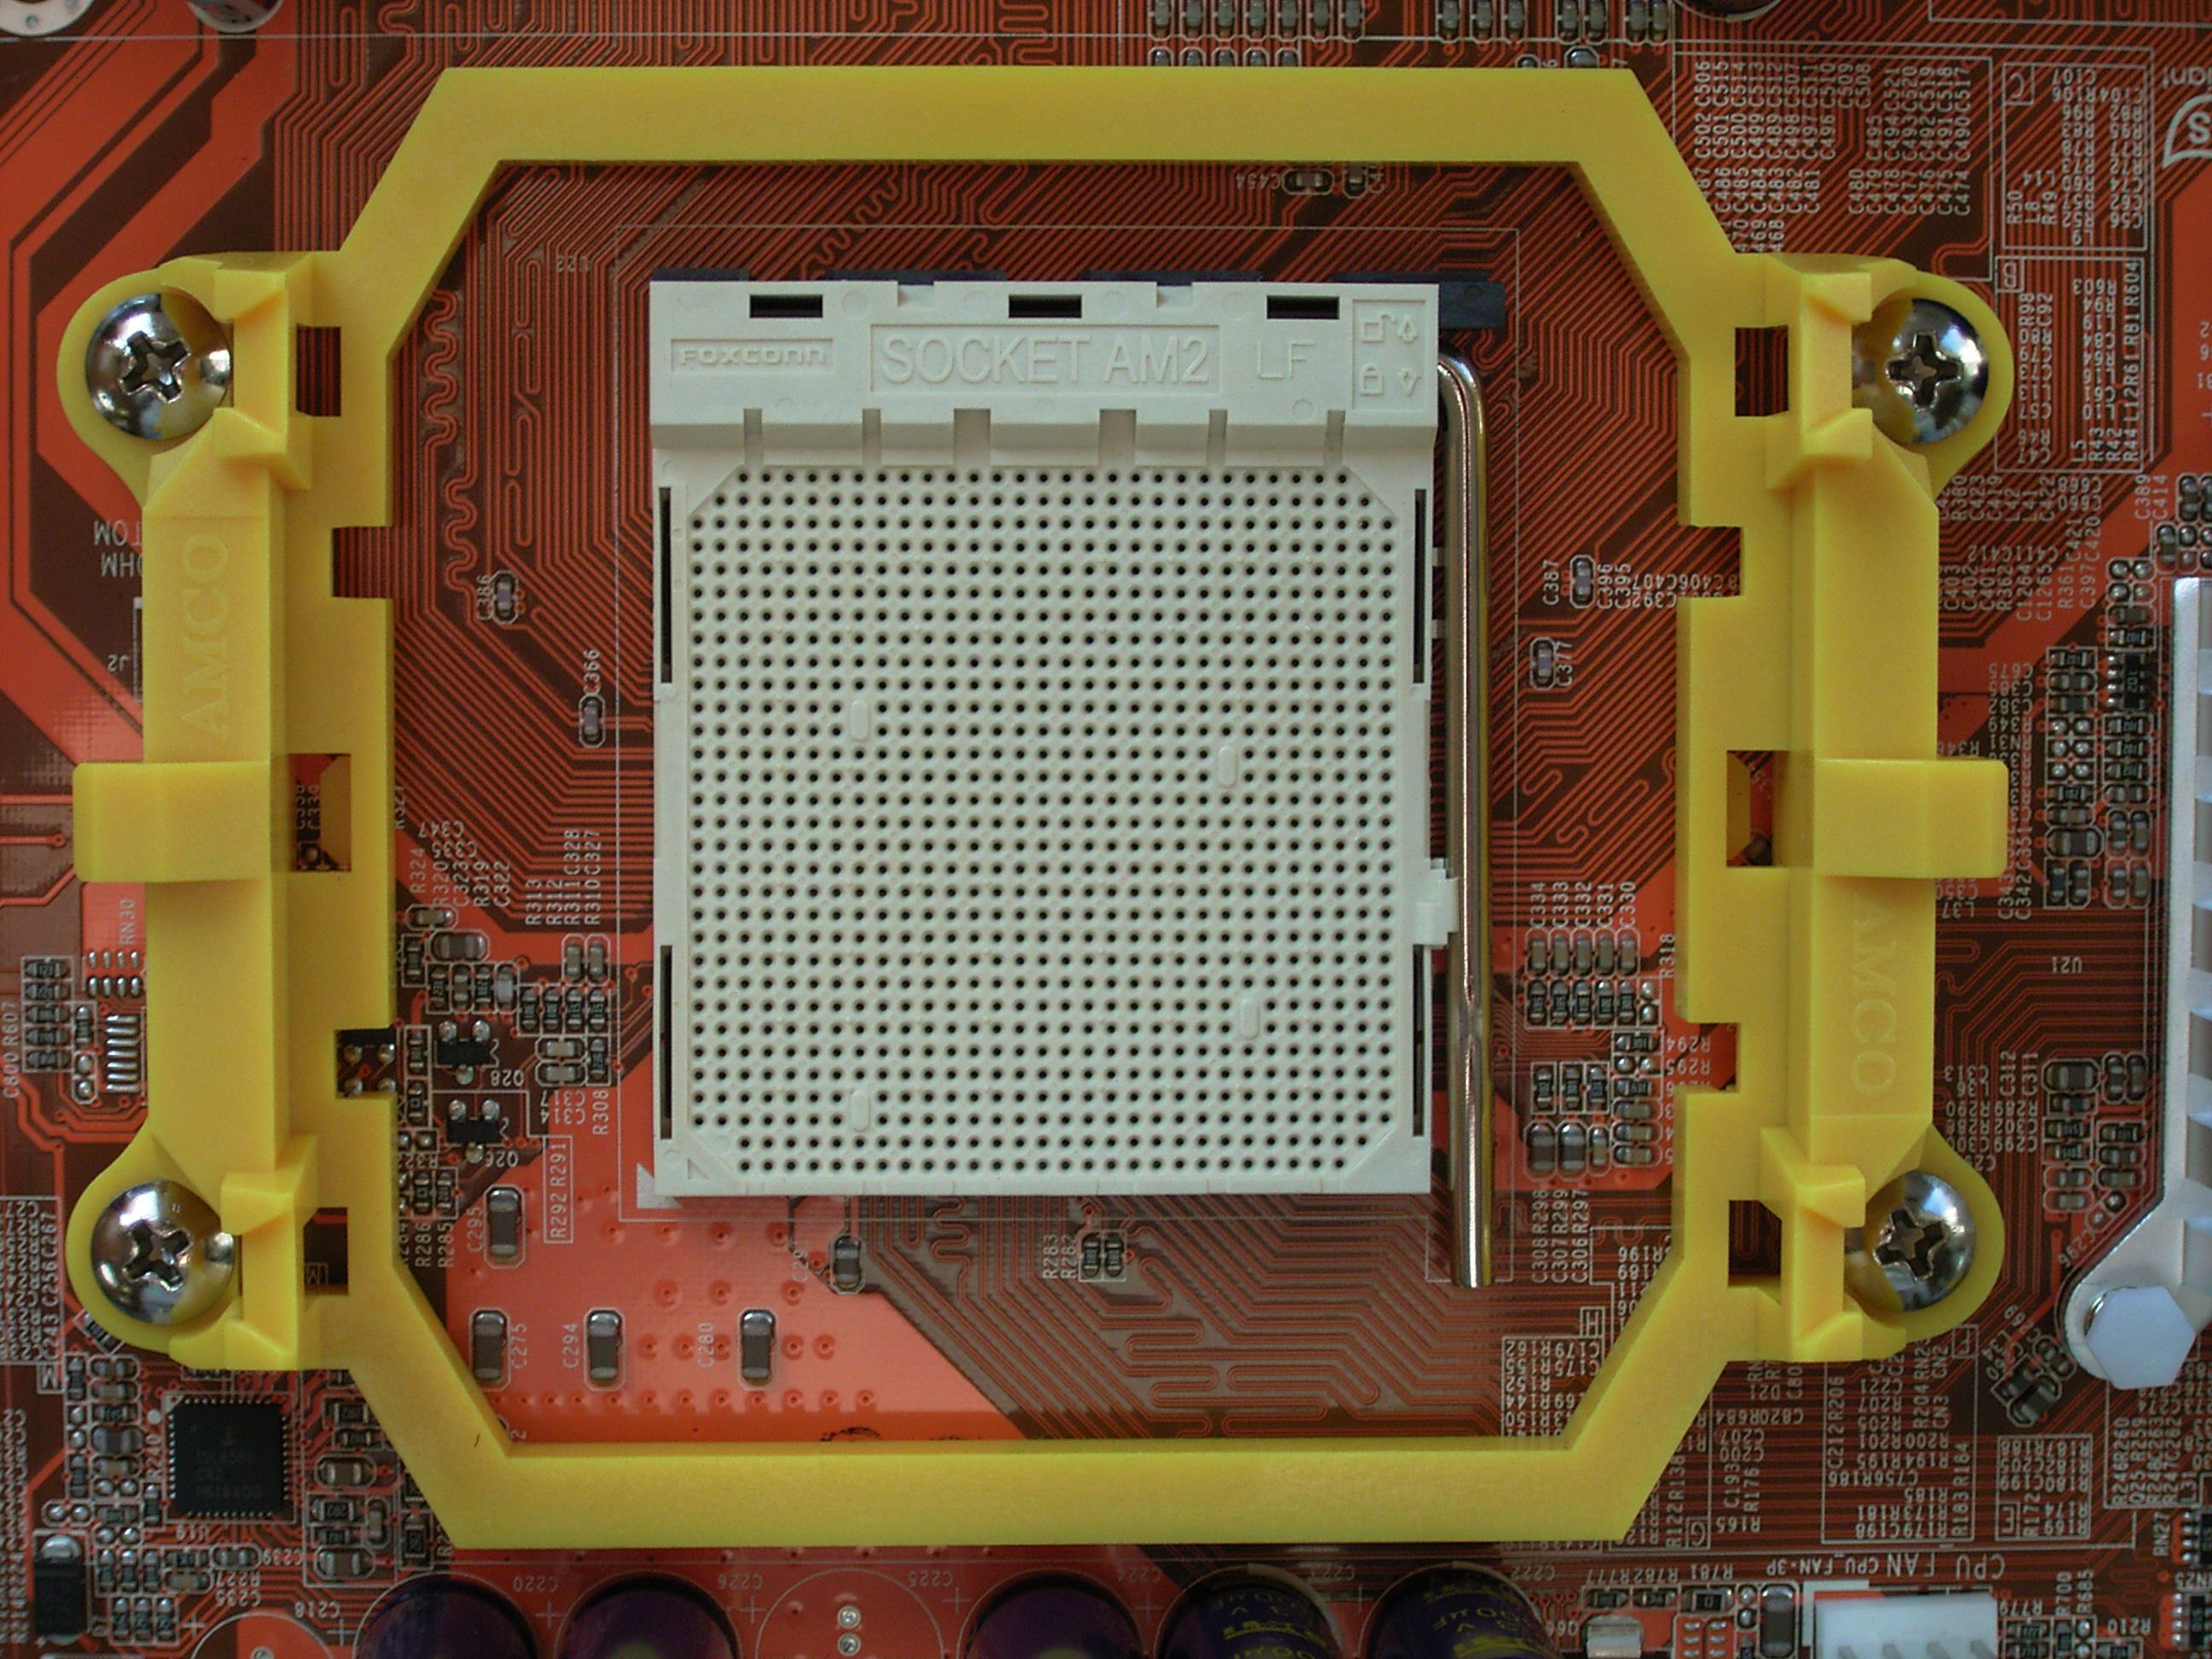 Daftar Harga MotherBoard AMD AM2 Terbaru Desember 2012